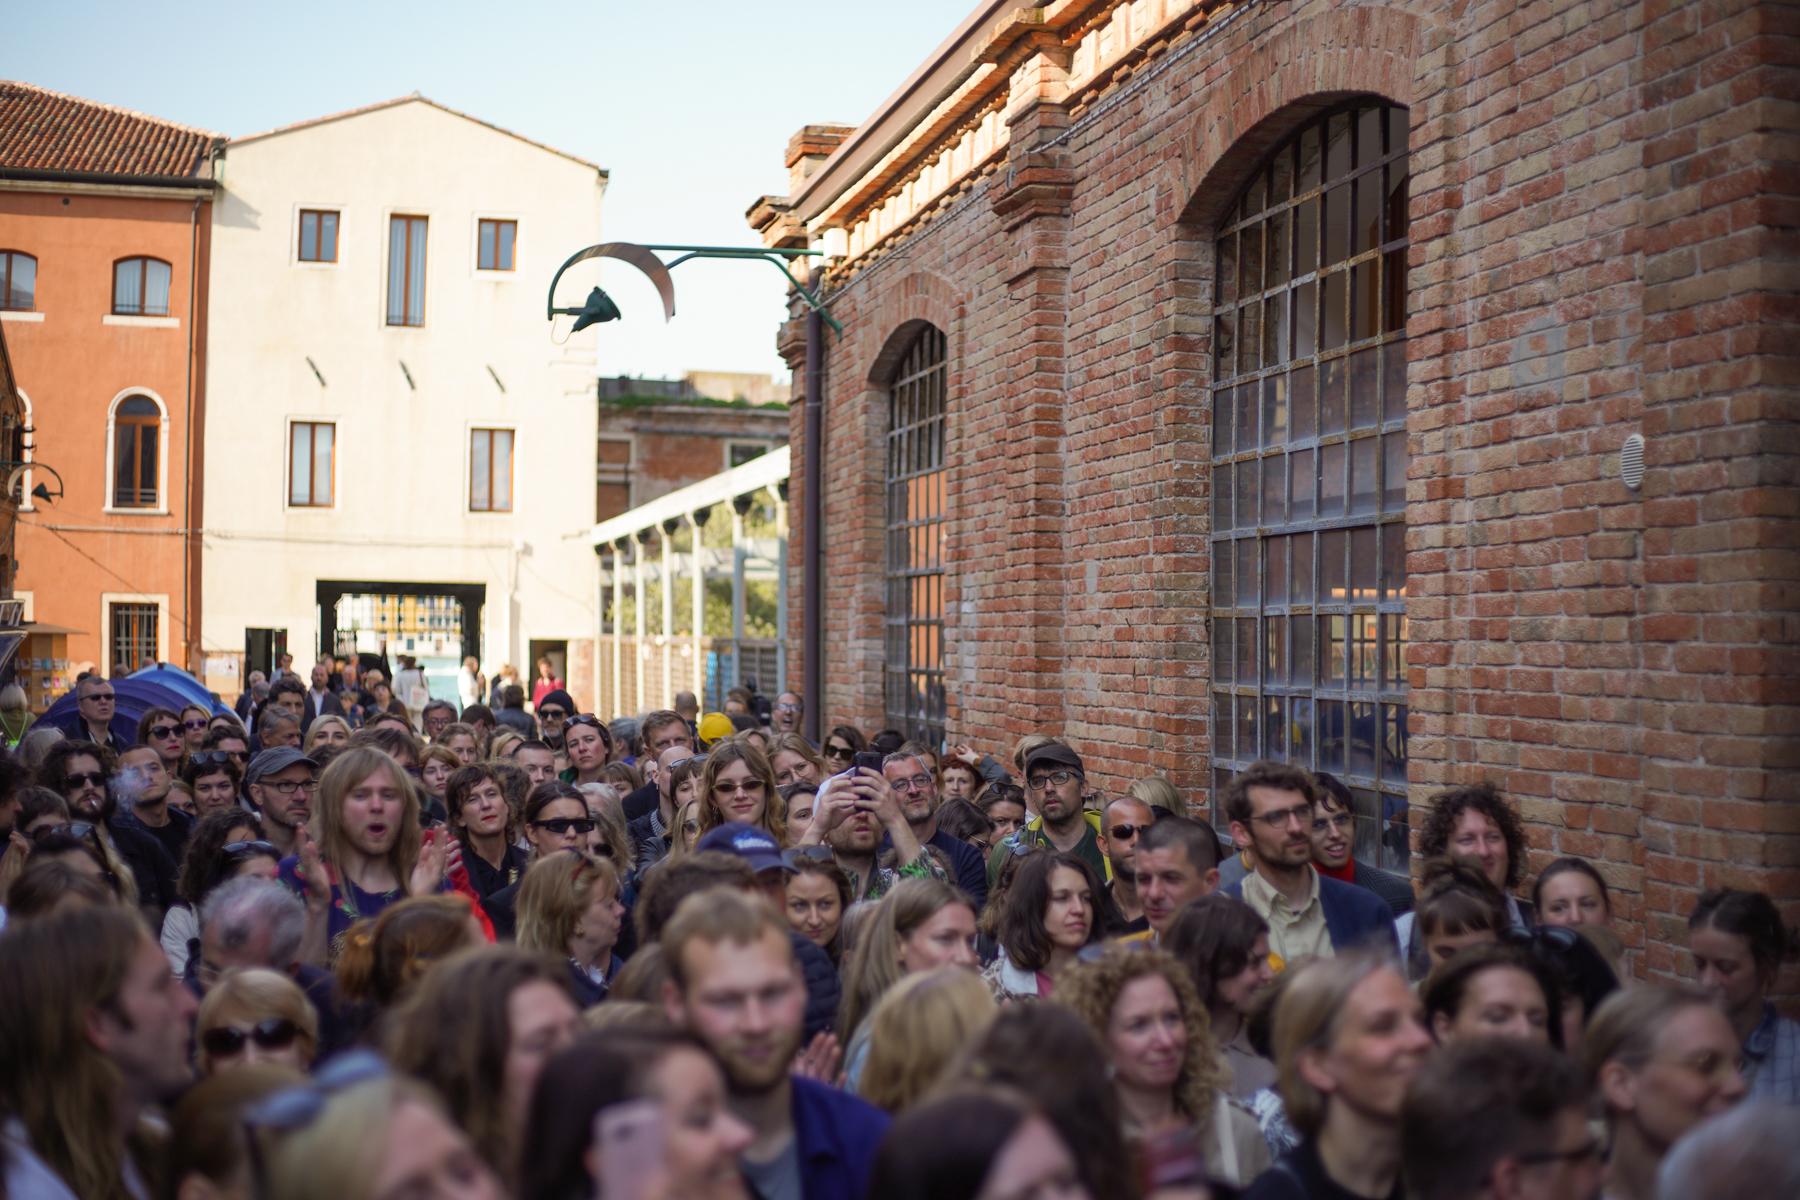 Rahvas tunglemas 2019. aastal Eestit esindanud Kris Lemsalu näituse avamisel Veneetsia biennaalil. Foto: Johan Huimerind